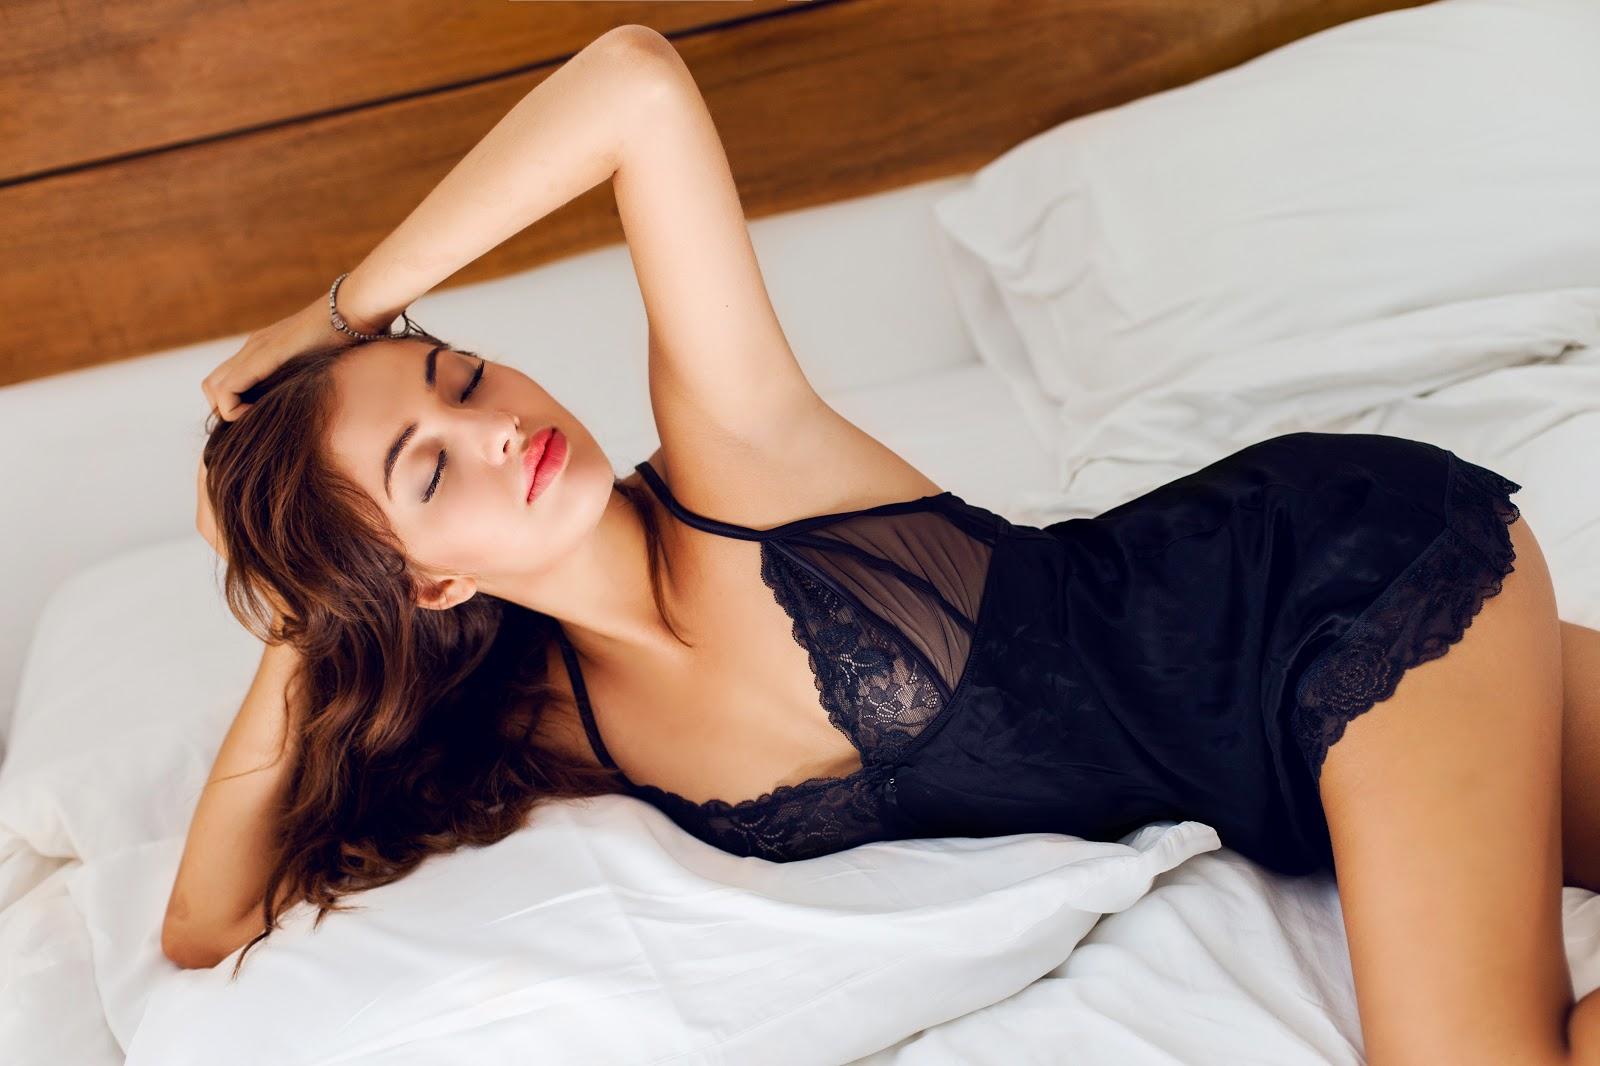 Ukrainian sexy tanned fit woman in luxury silk lingerie